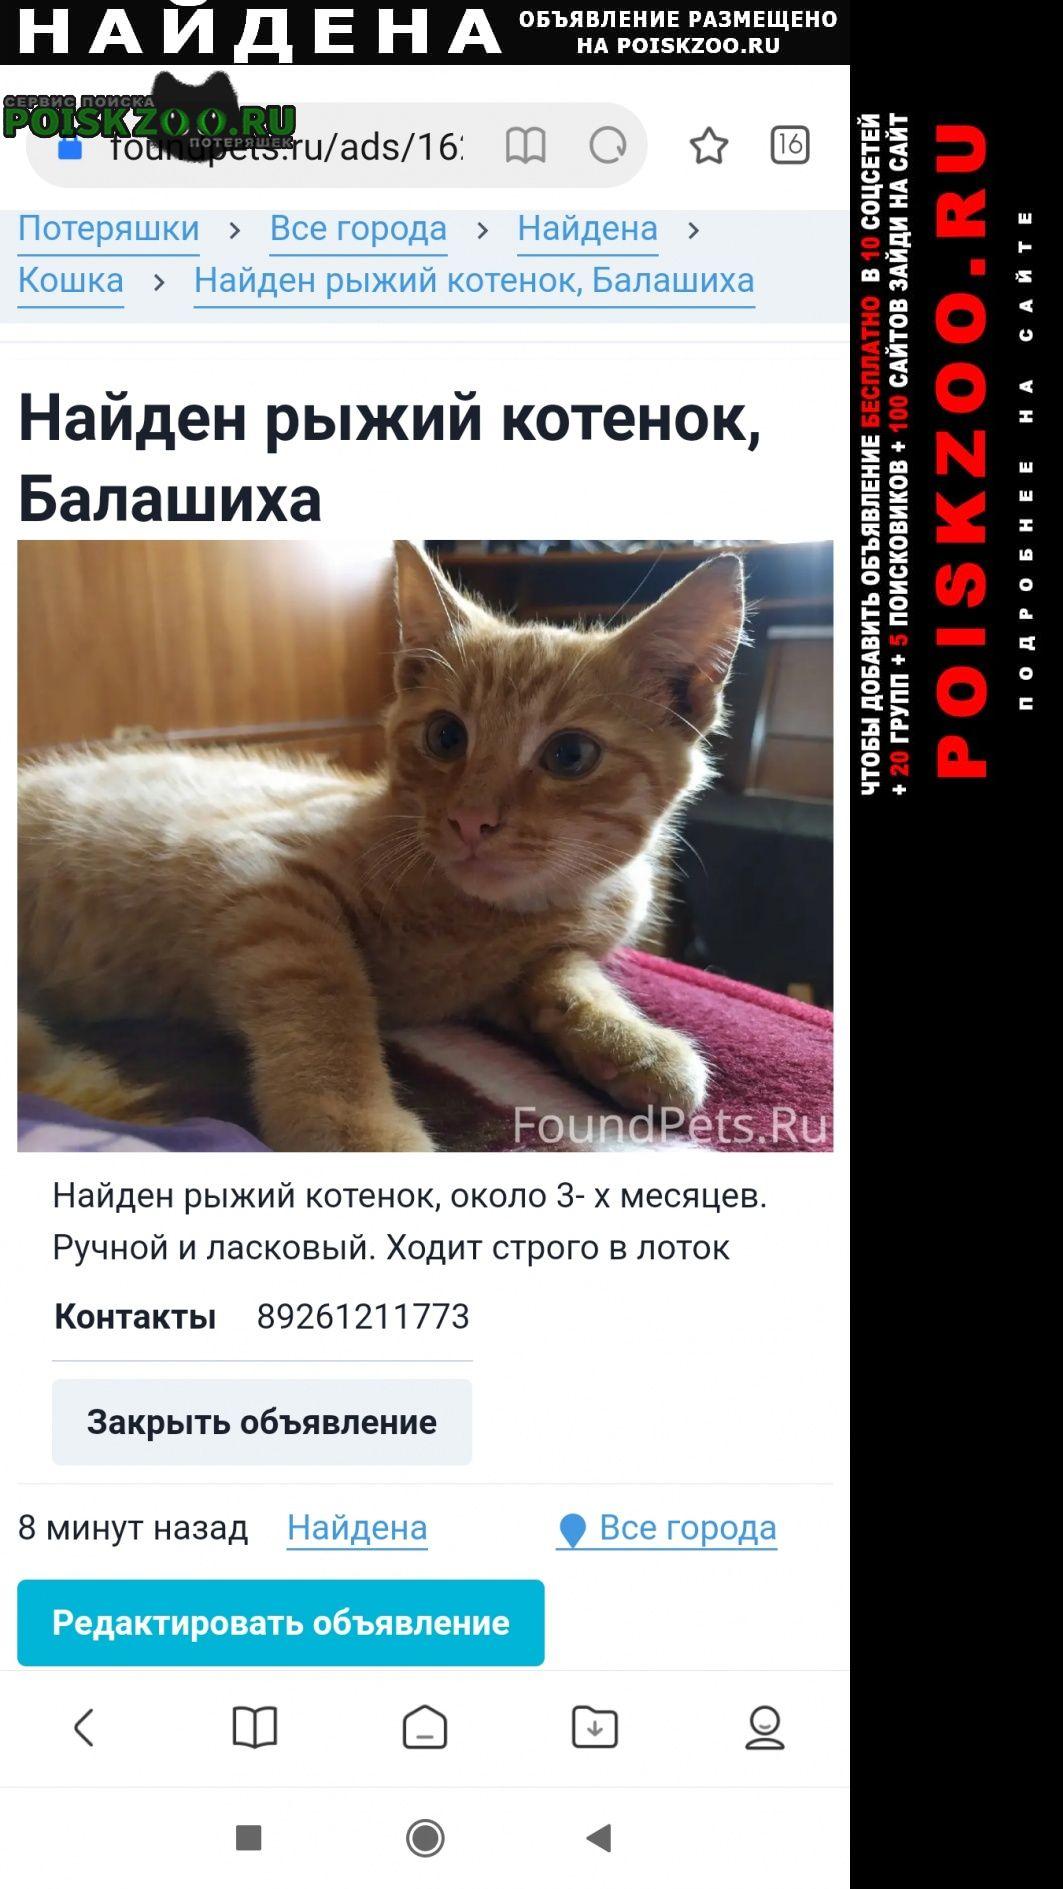 Найден кот енок. Балашиха